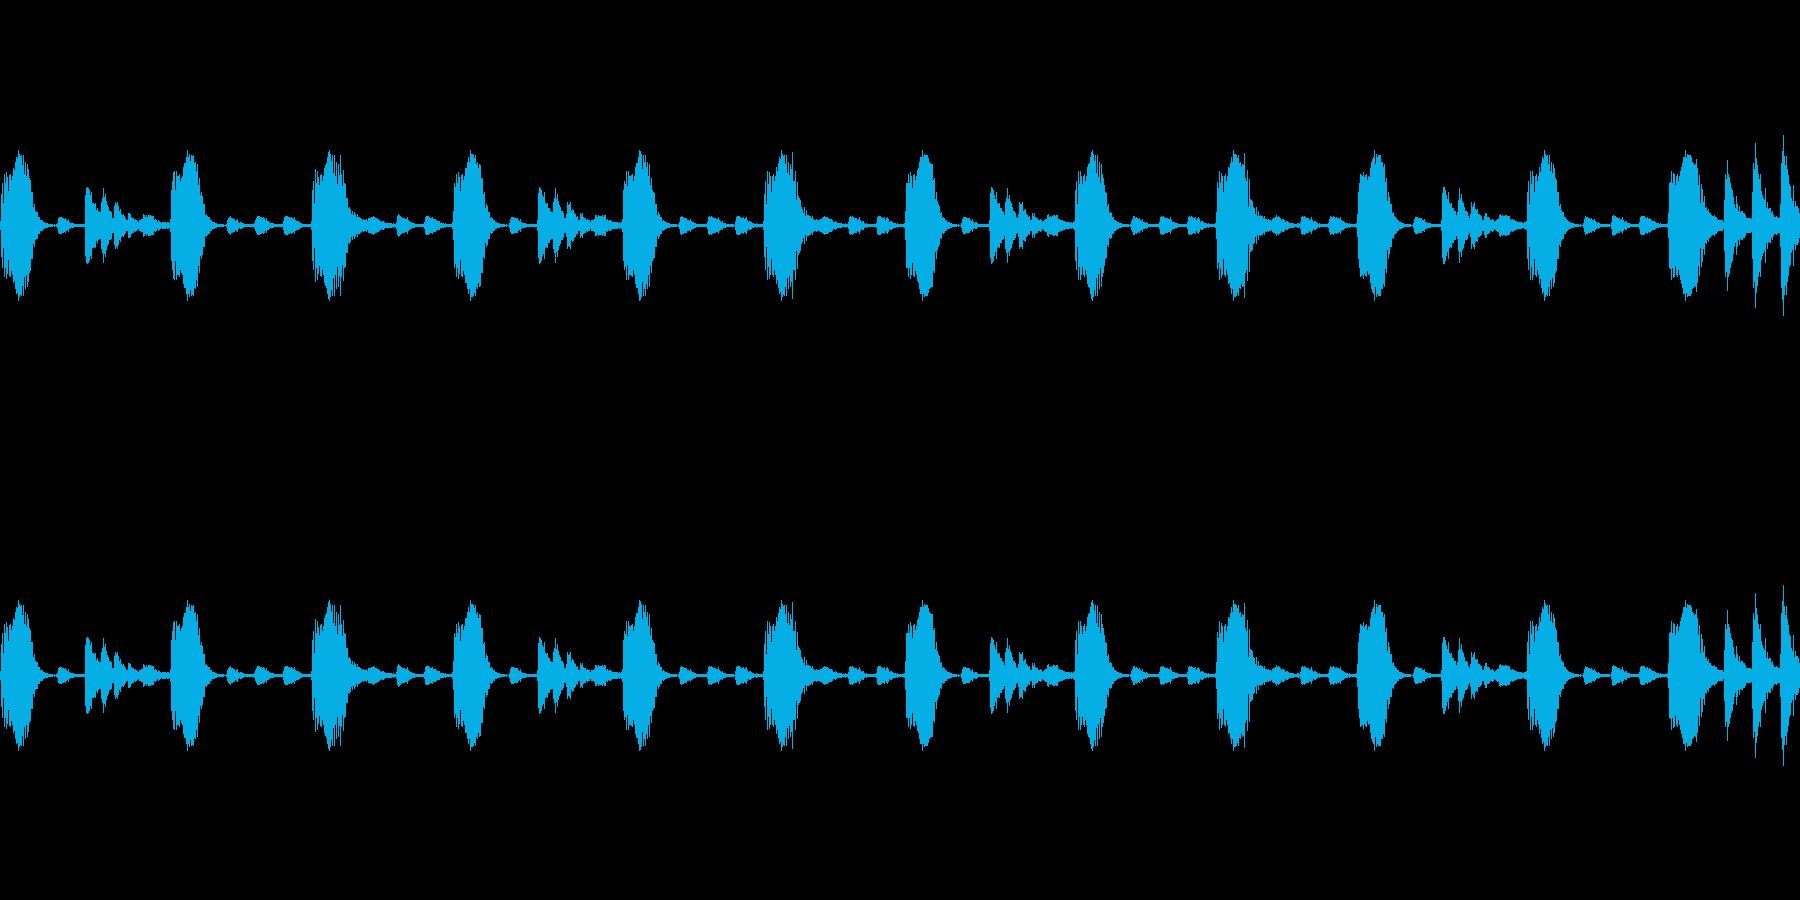 Electro リズムパターンの再生済みの波形